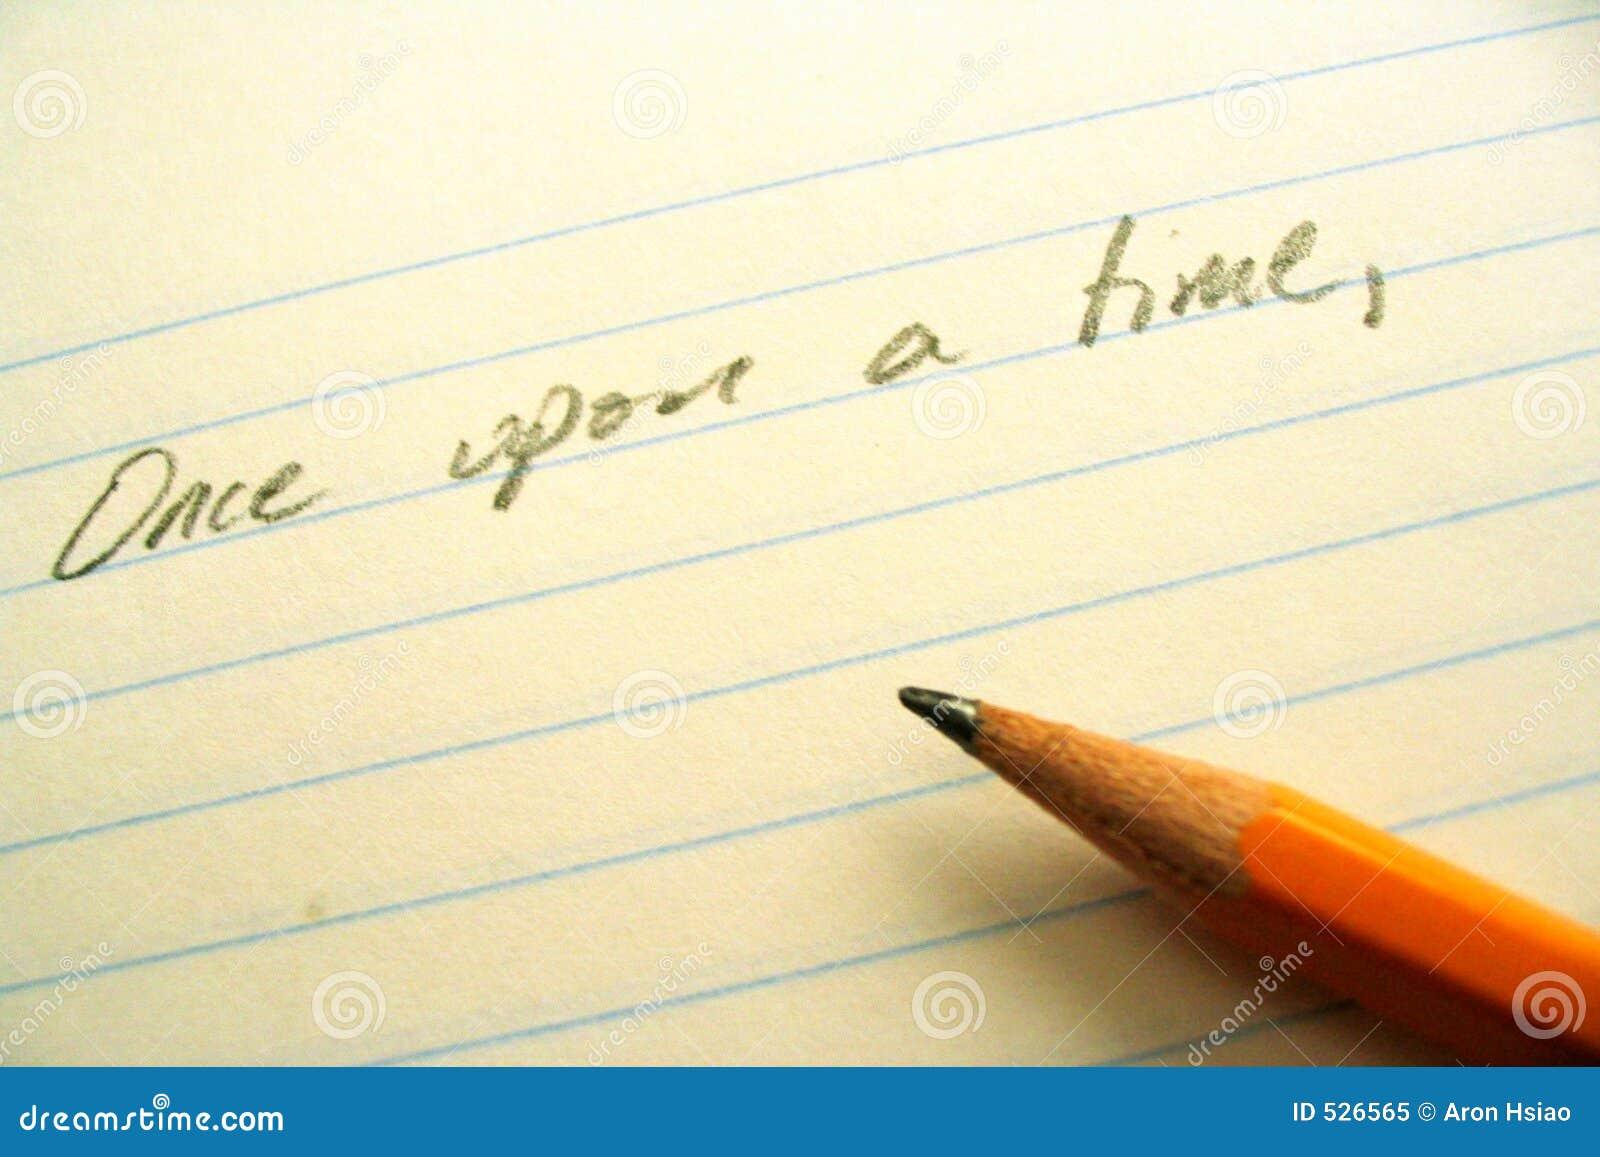 Lápis, papel, e linha de abertura